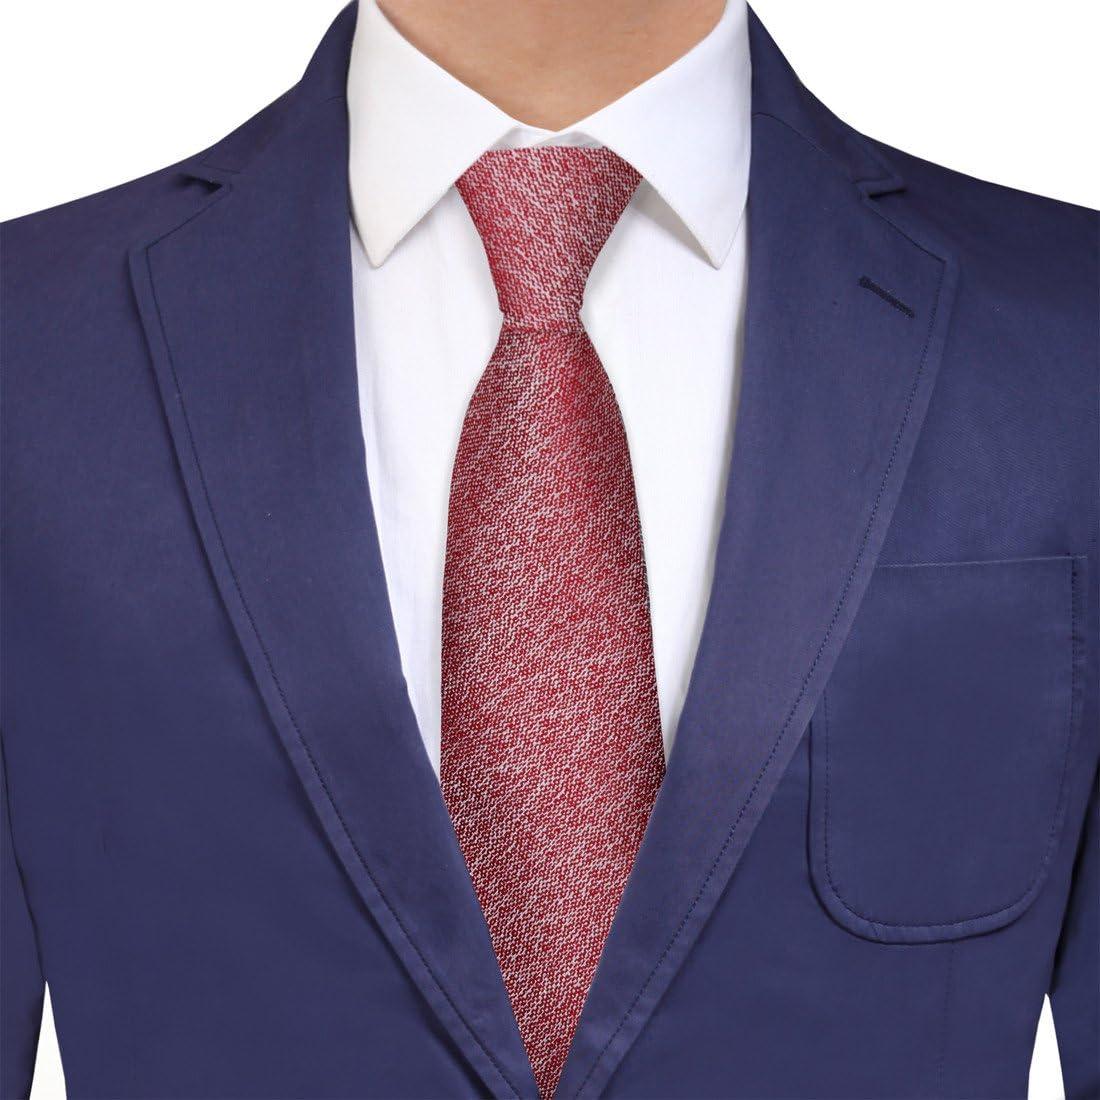 Y&G YAQF0002 Hilo Rojo Fant¨¢stico Seda corbata perfecta ...